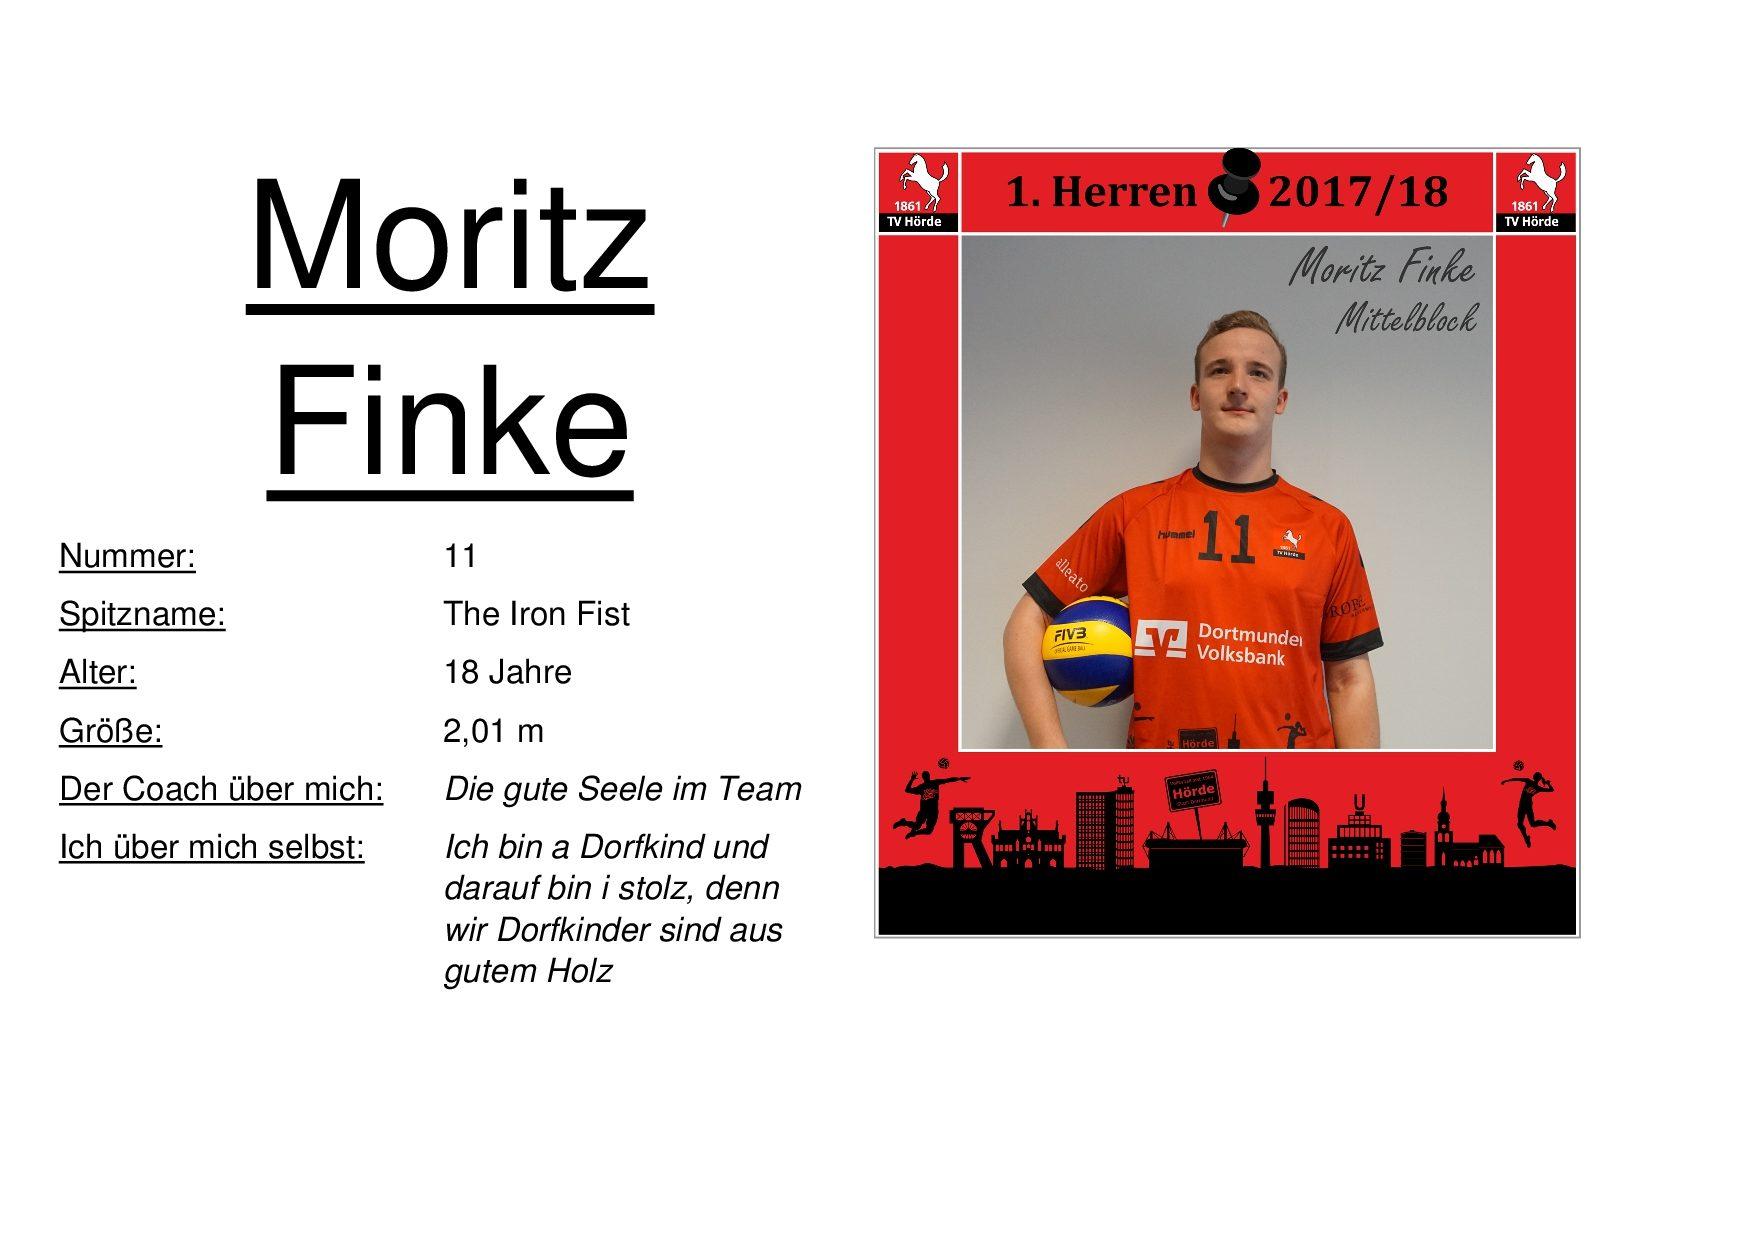 Moritz Finke